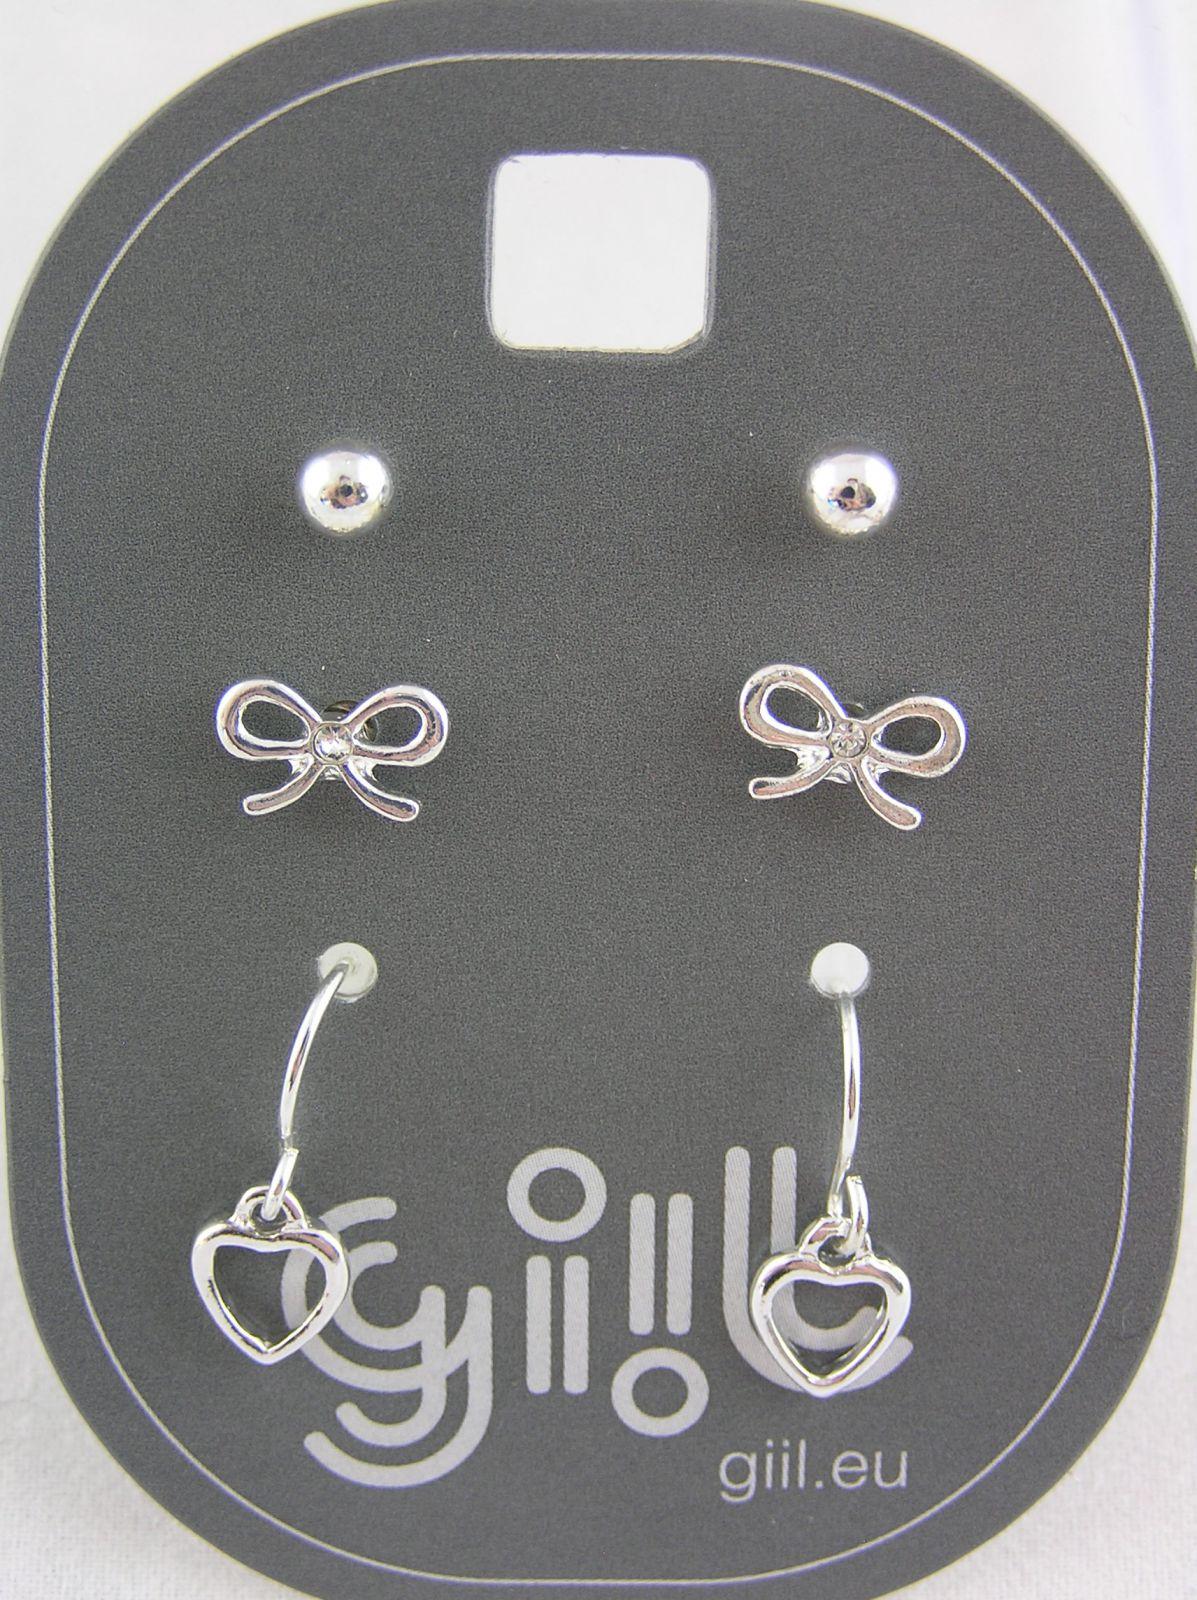 Tři páry drobných stříbrných náušnic perličky, mašličky, srdíčka GIIL